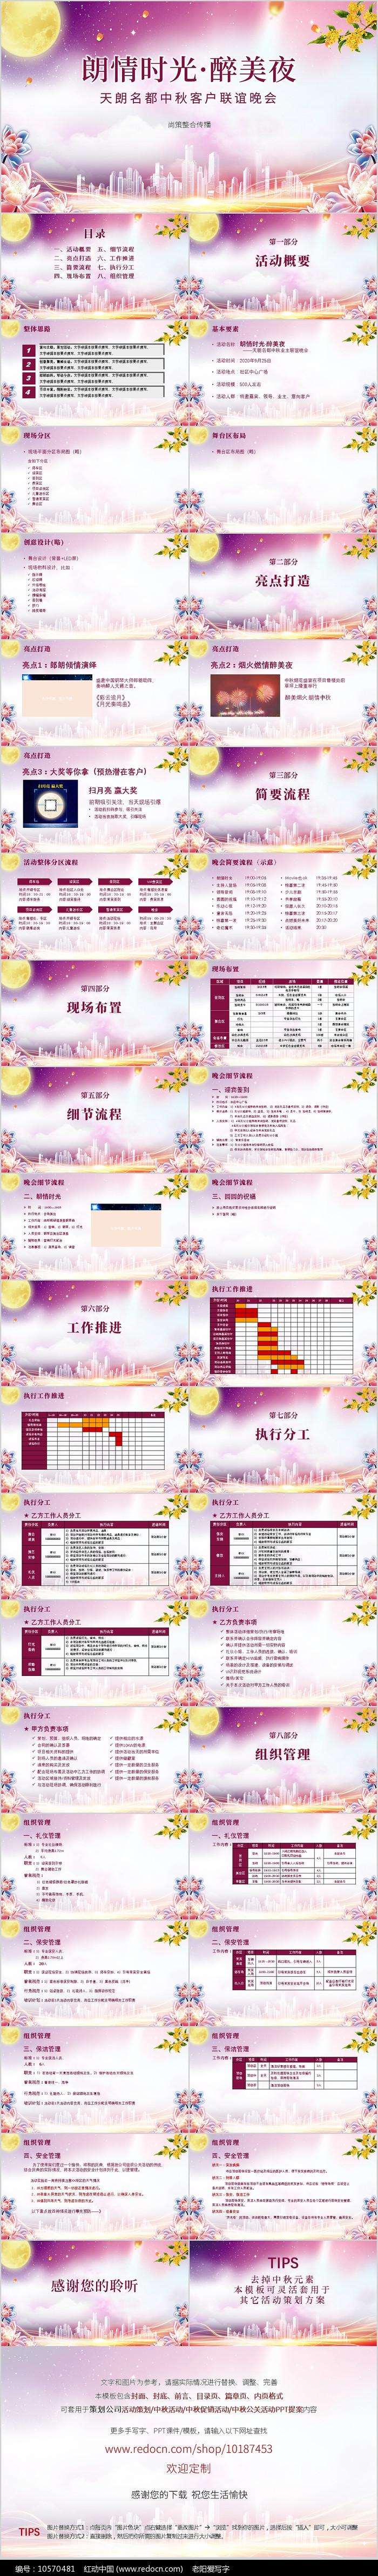 中秋节中秋活动策划方案PPT模板图片